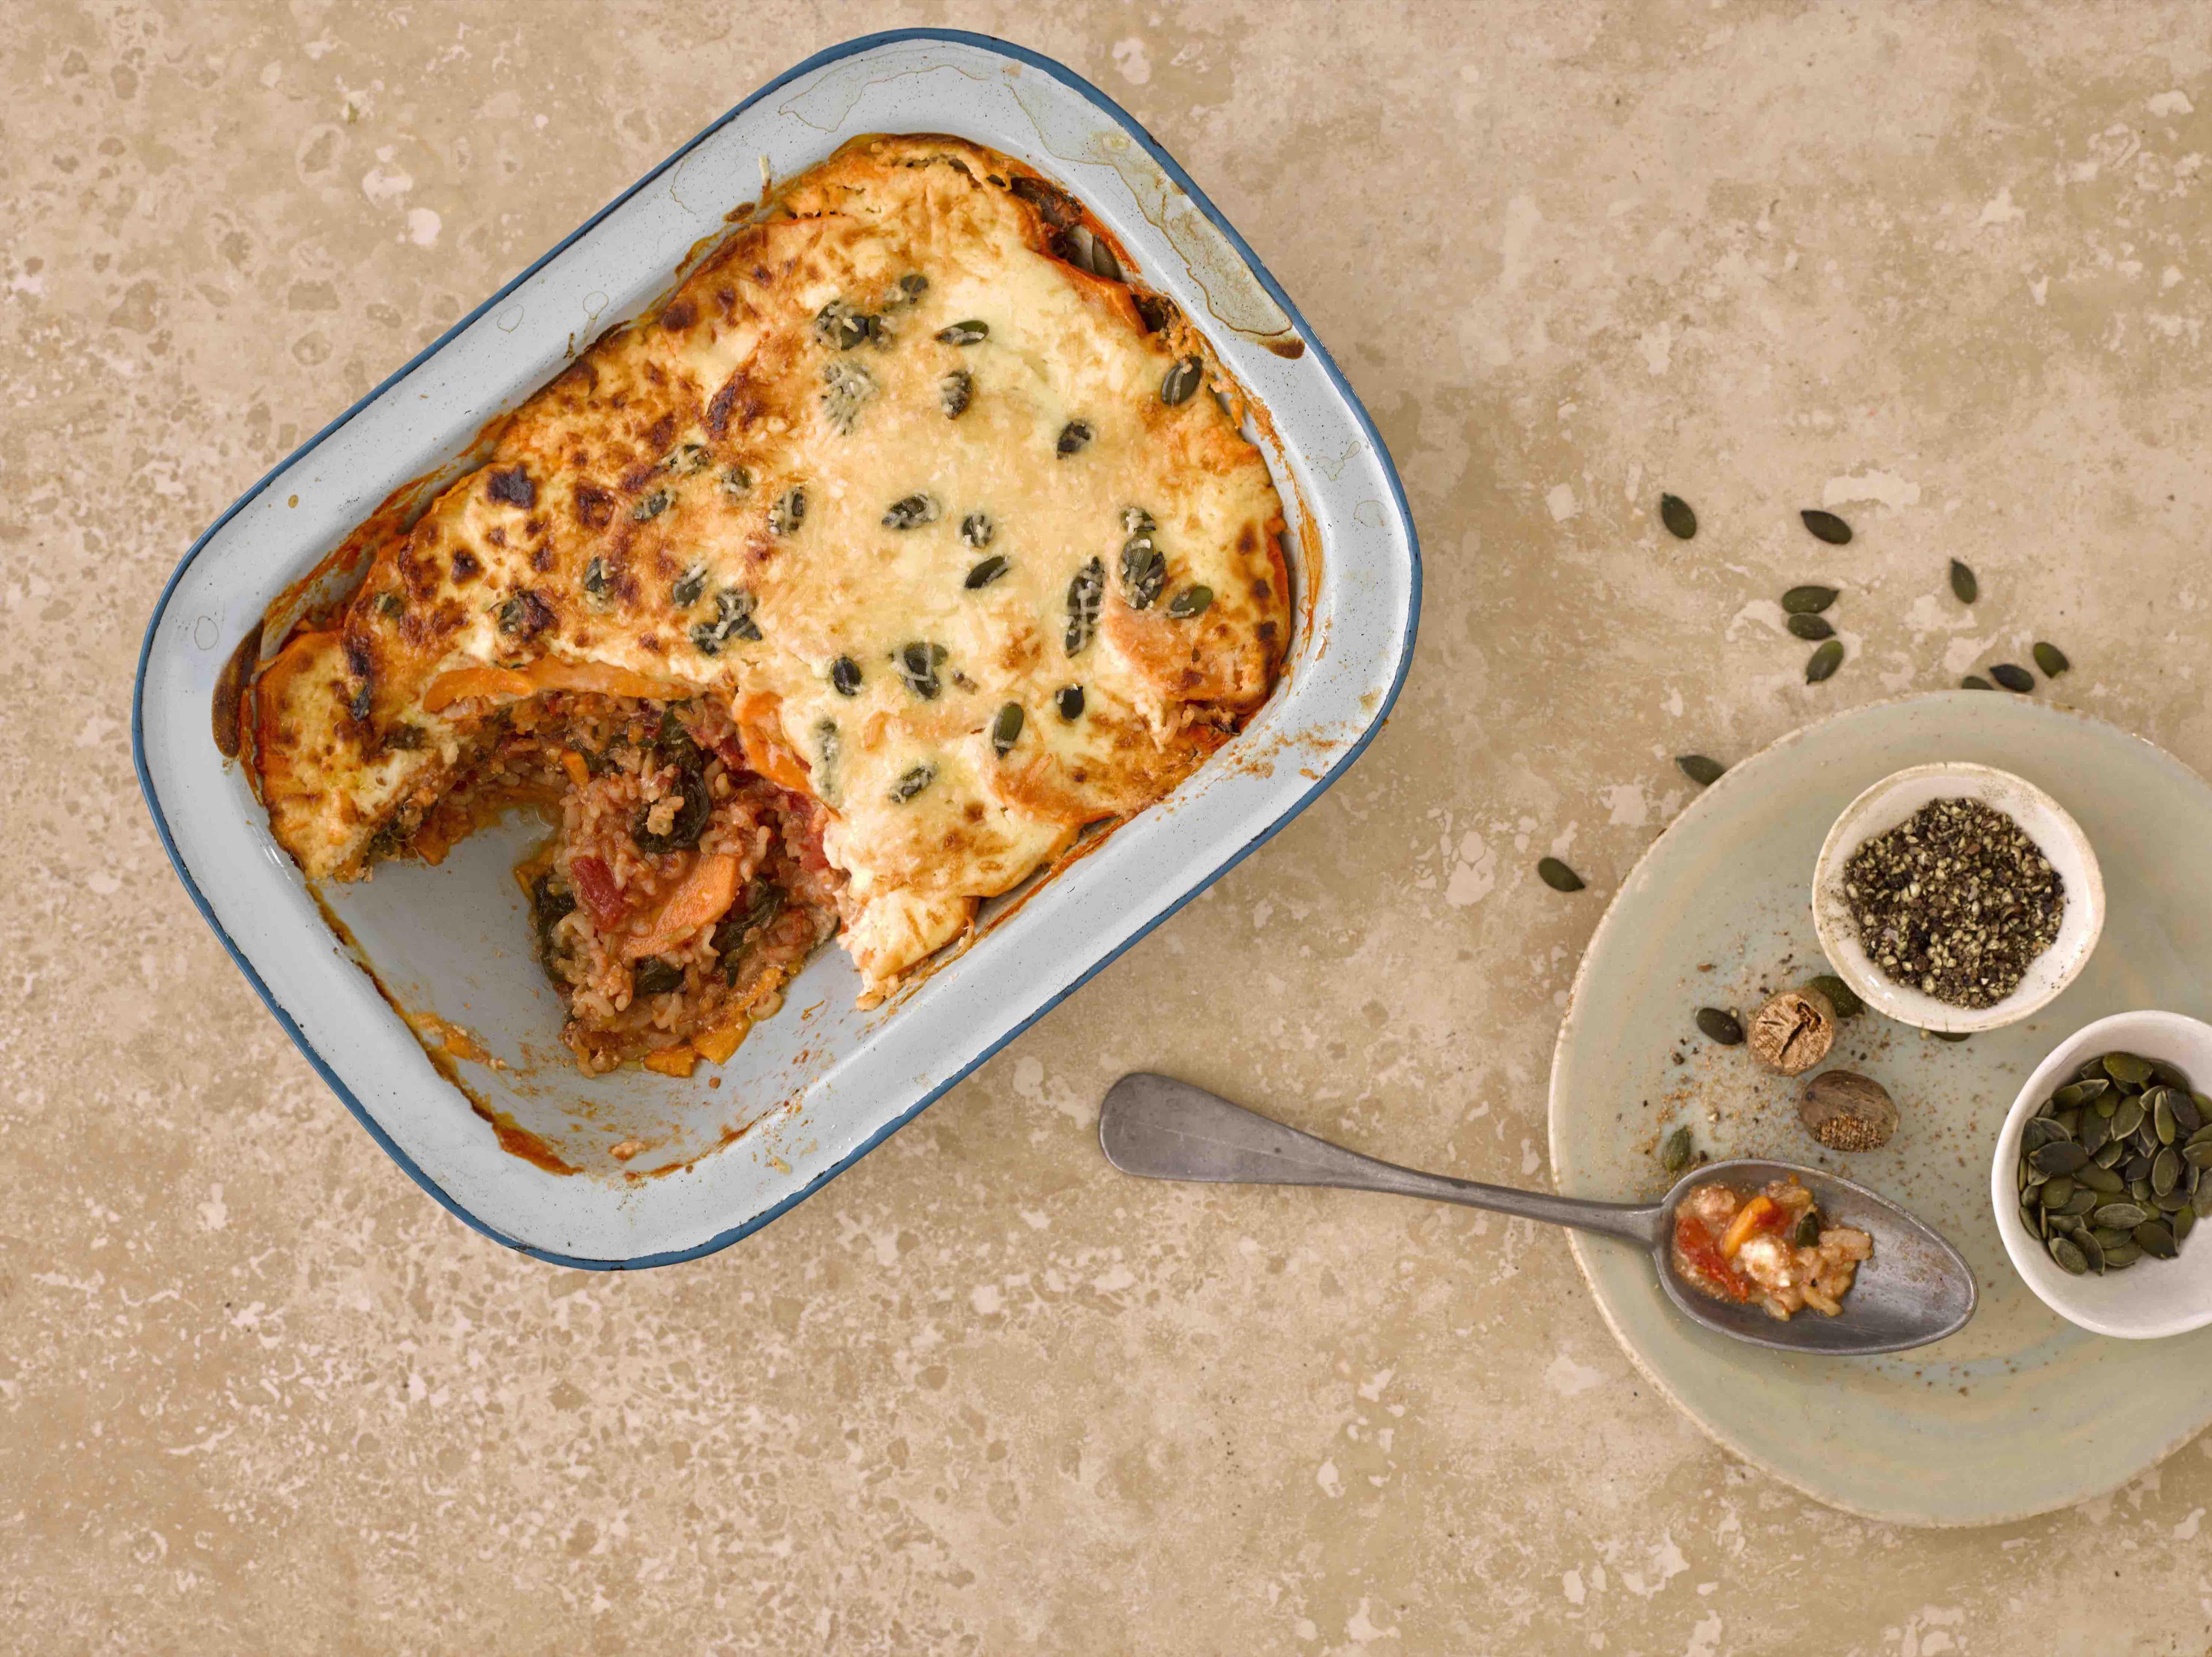 Zoete aardappel ovenschotel met tomaat en spinazie